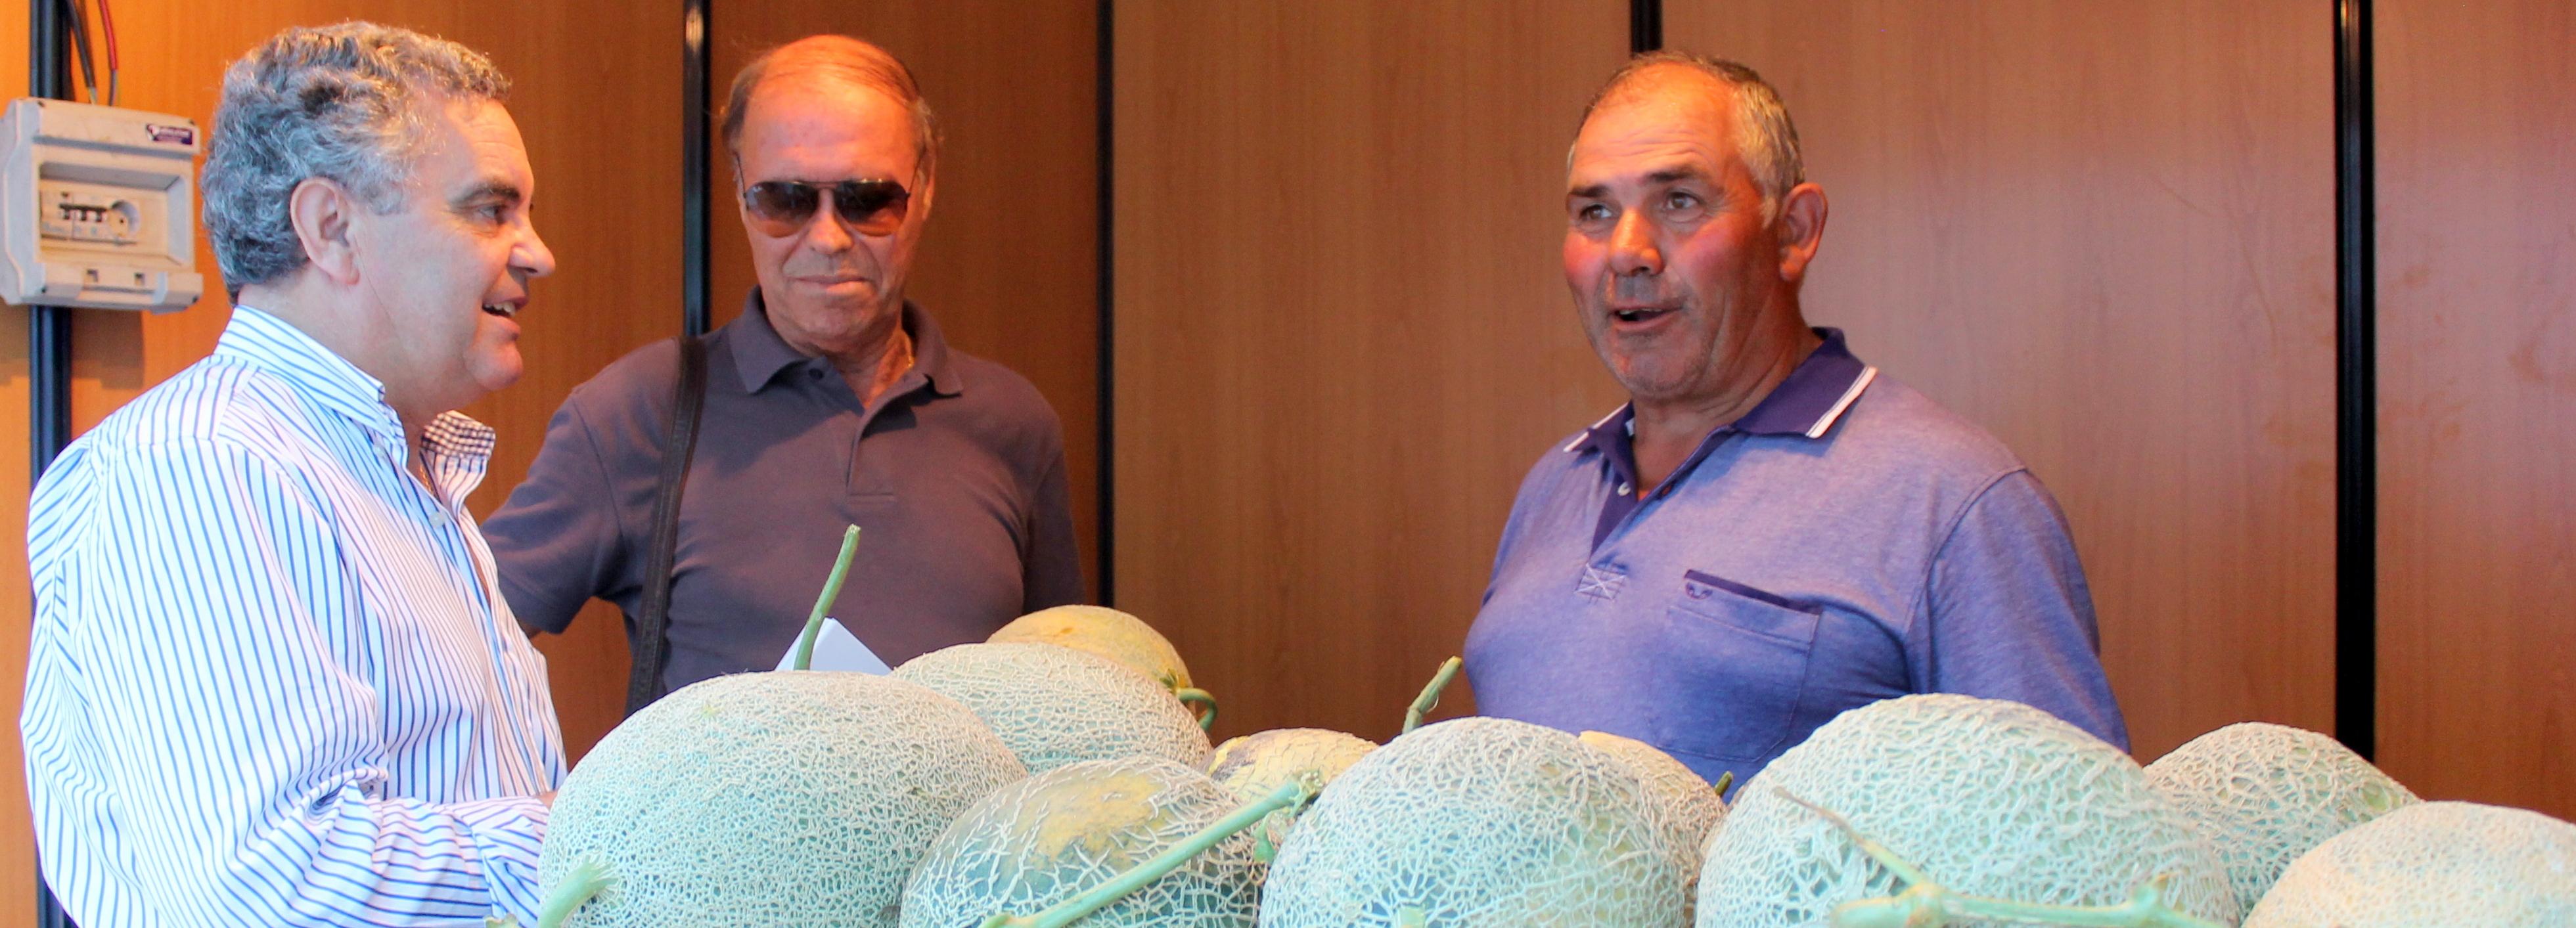 Feira do melão casca de carvalho é uma aposta ganha